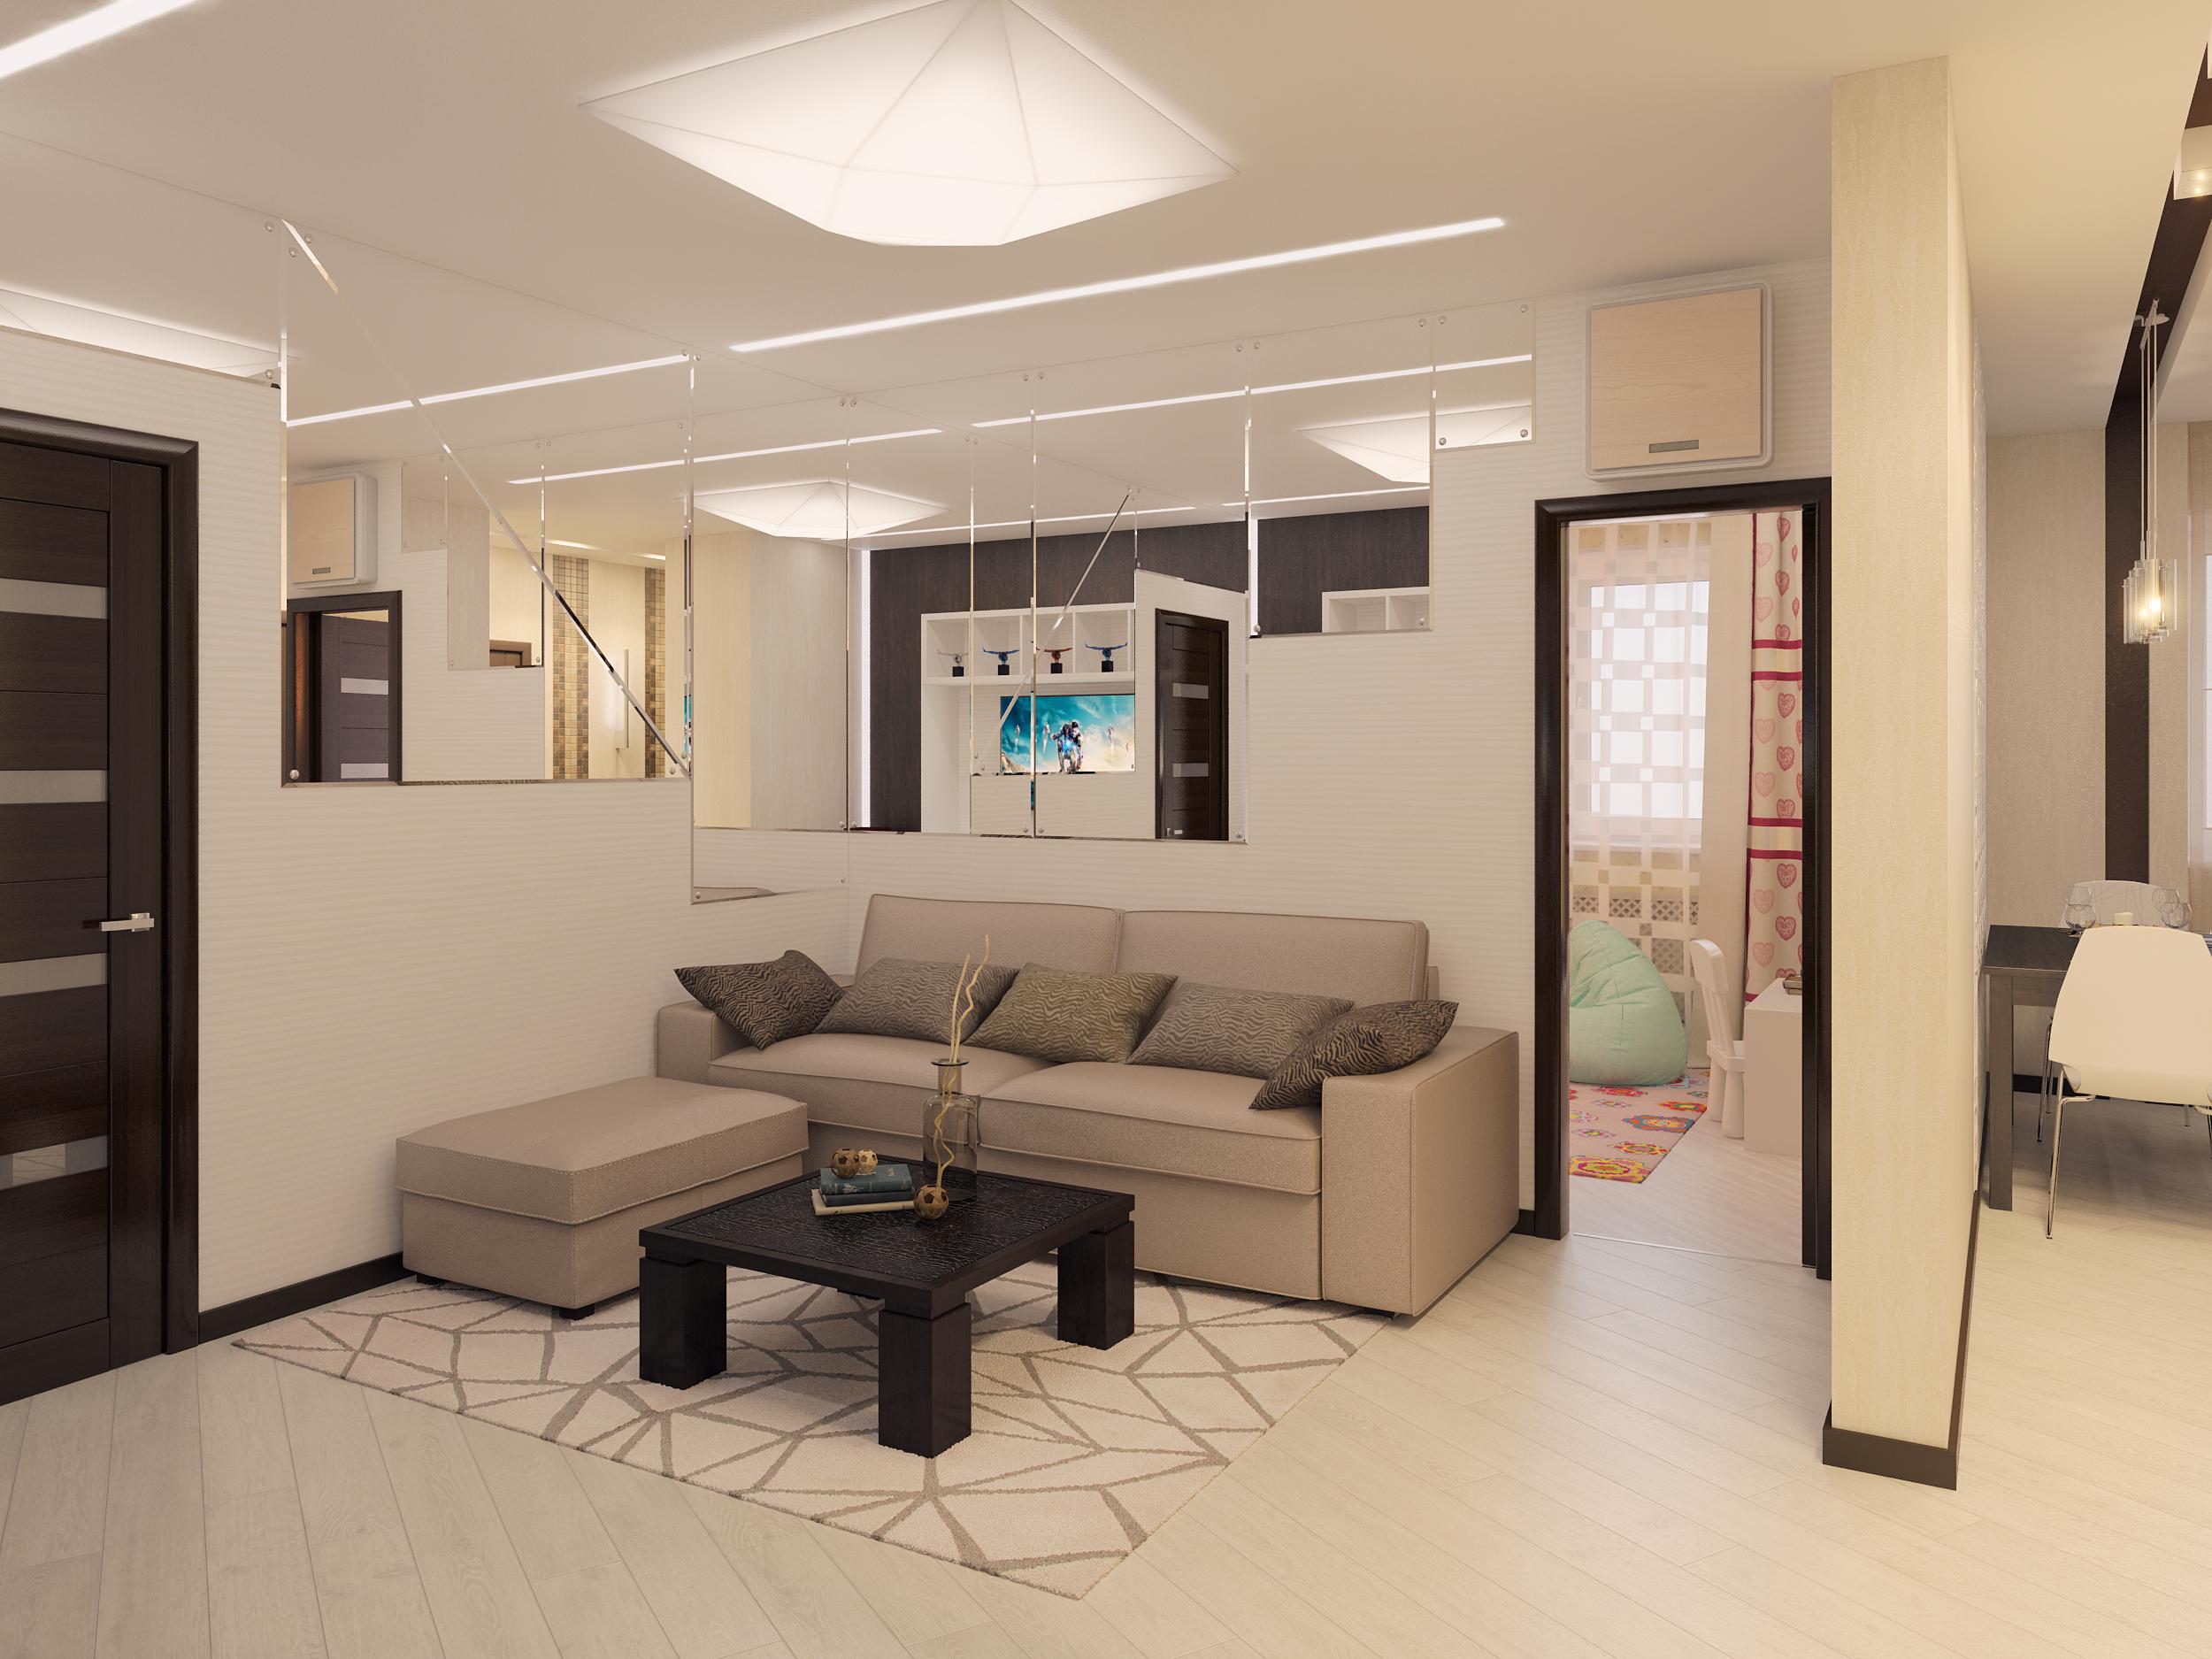 Дизайн квартир - фото красивых интерьеров